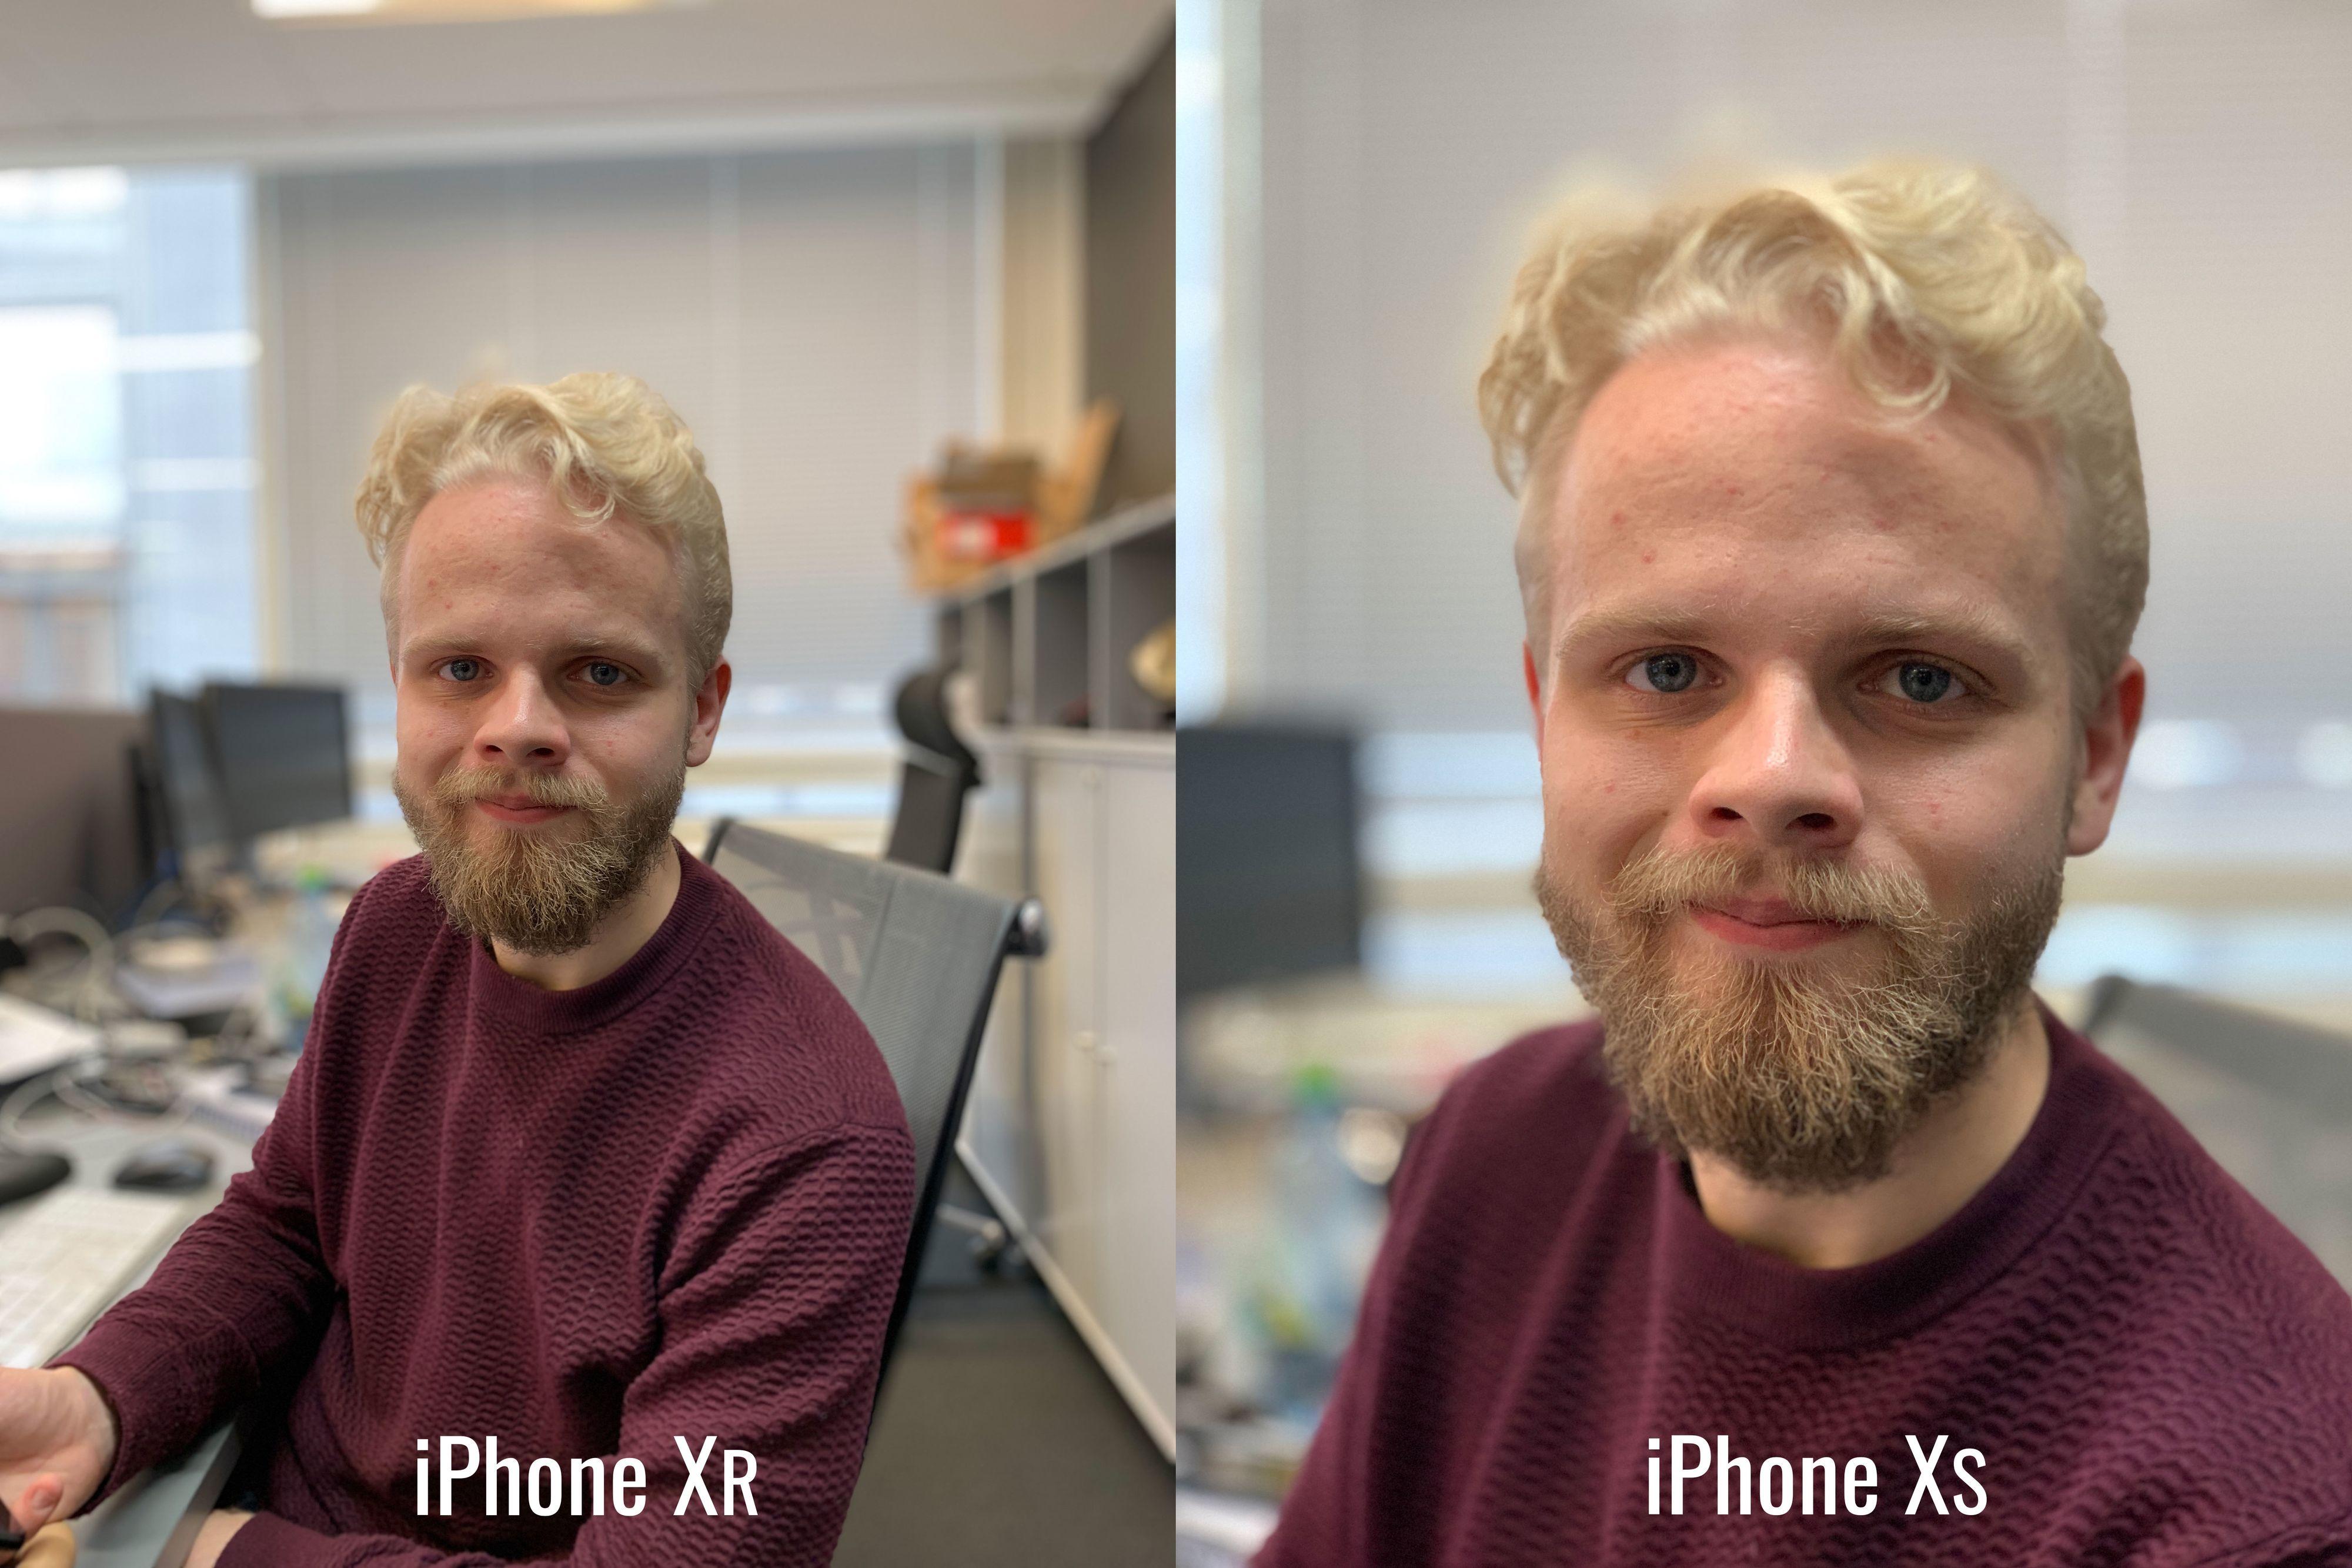 Til tross for at iPhone Xr bare har ett kamera på baksiden, klarer den å separere ansikt godt fra bakgrunnen. Sjekk håret på toppen, så ser det faktisk ut som at Xr gjør enn bedre jobb enn iPhone Xs.